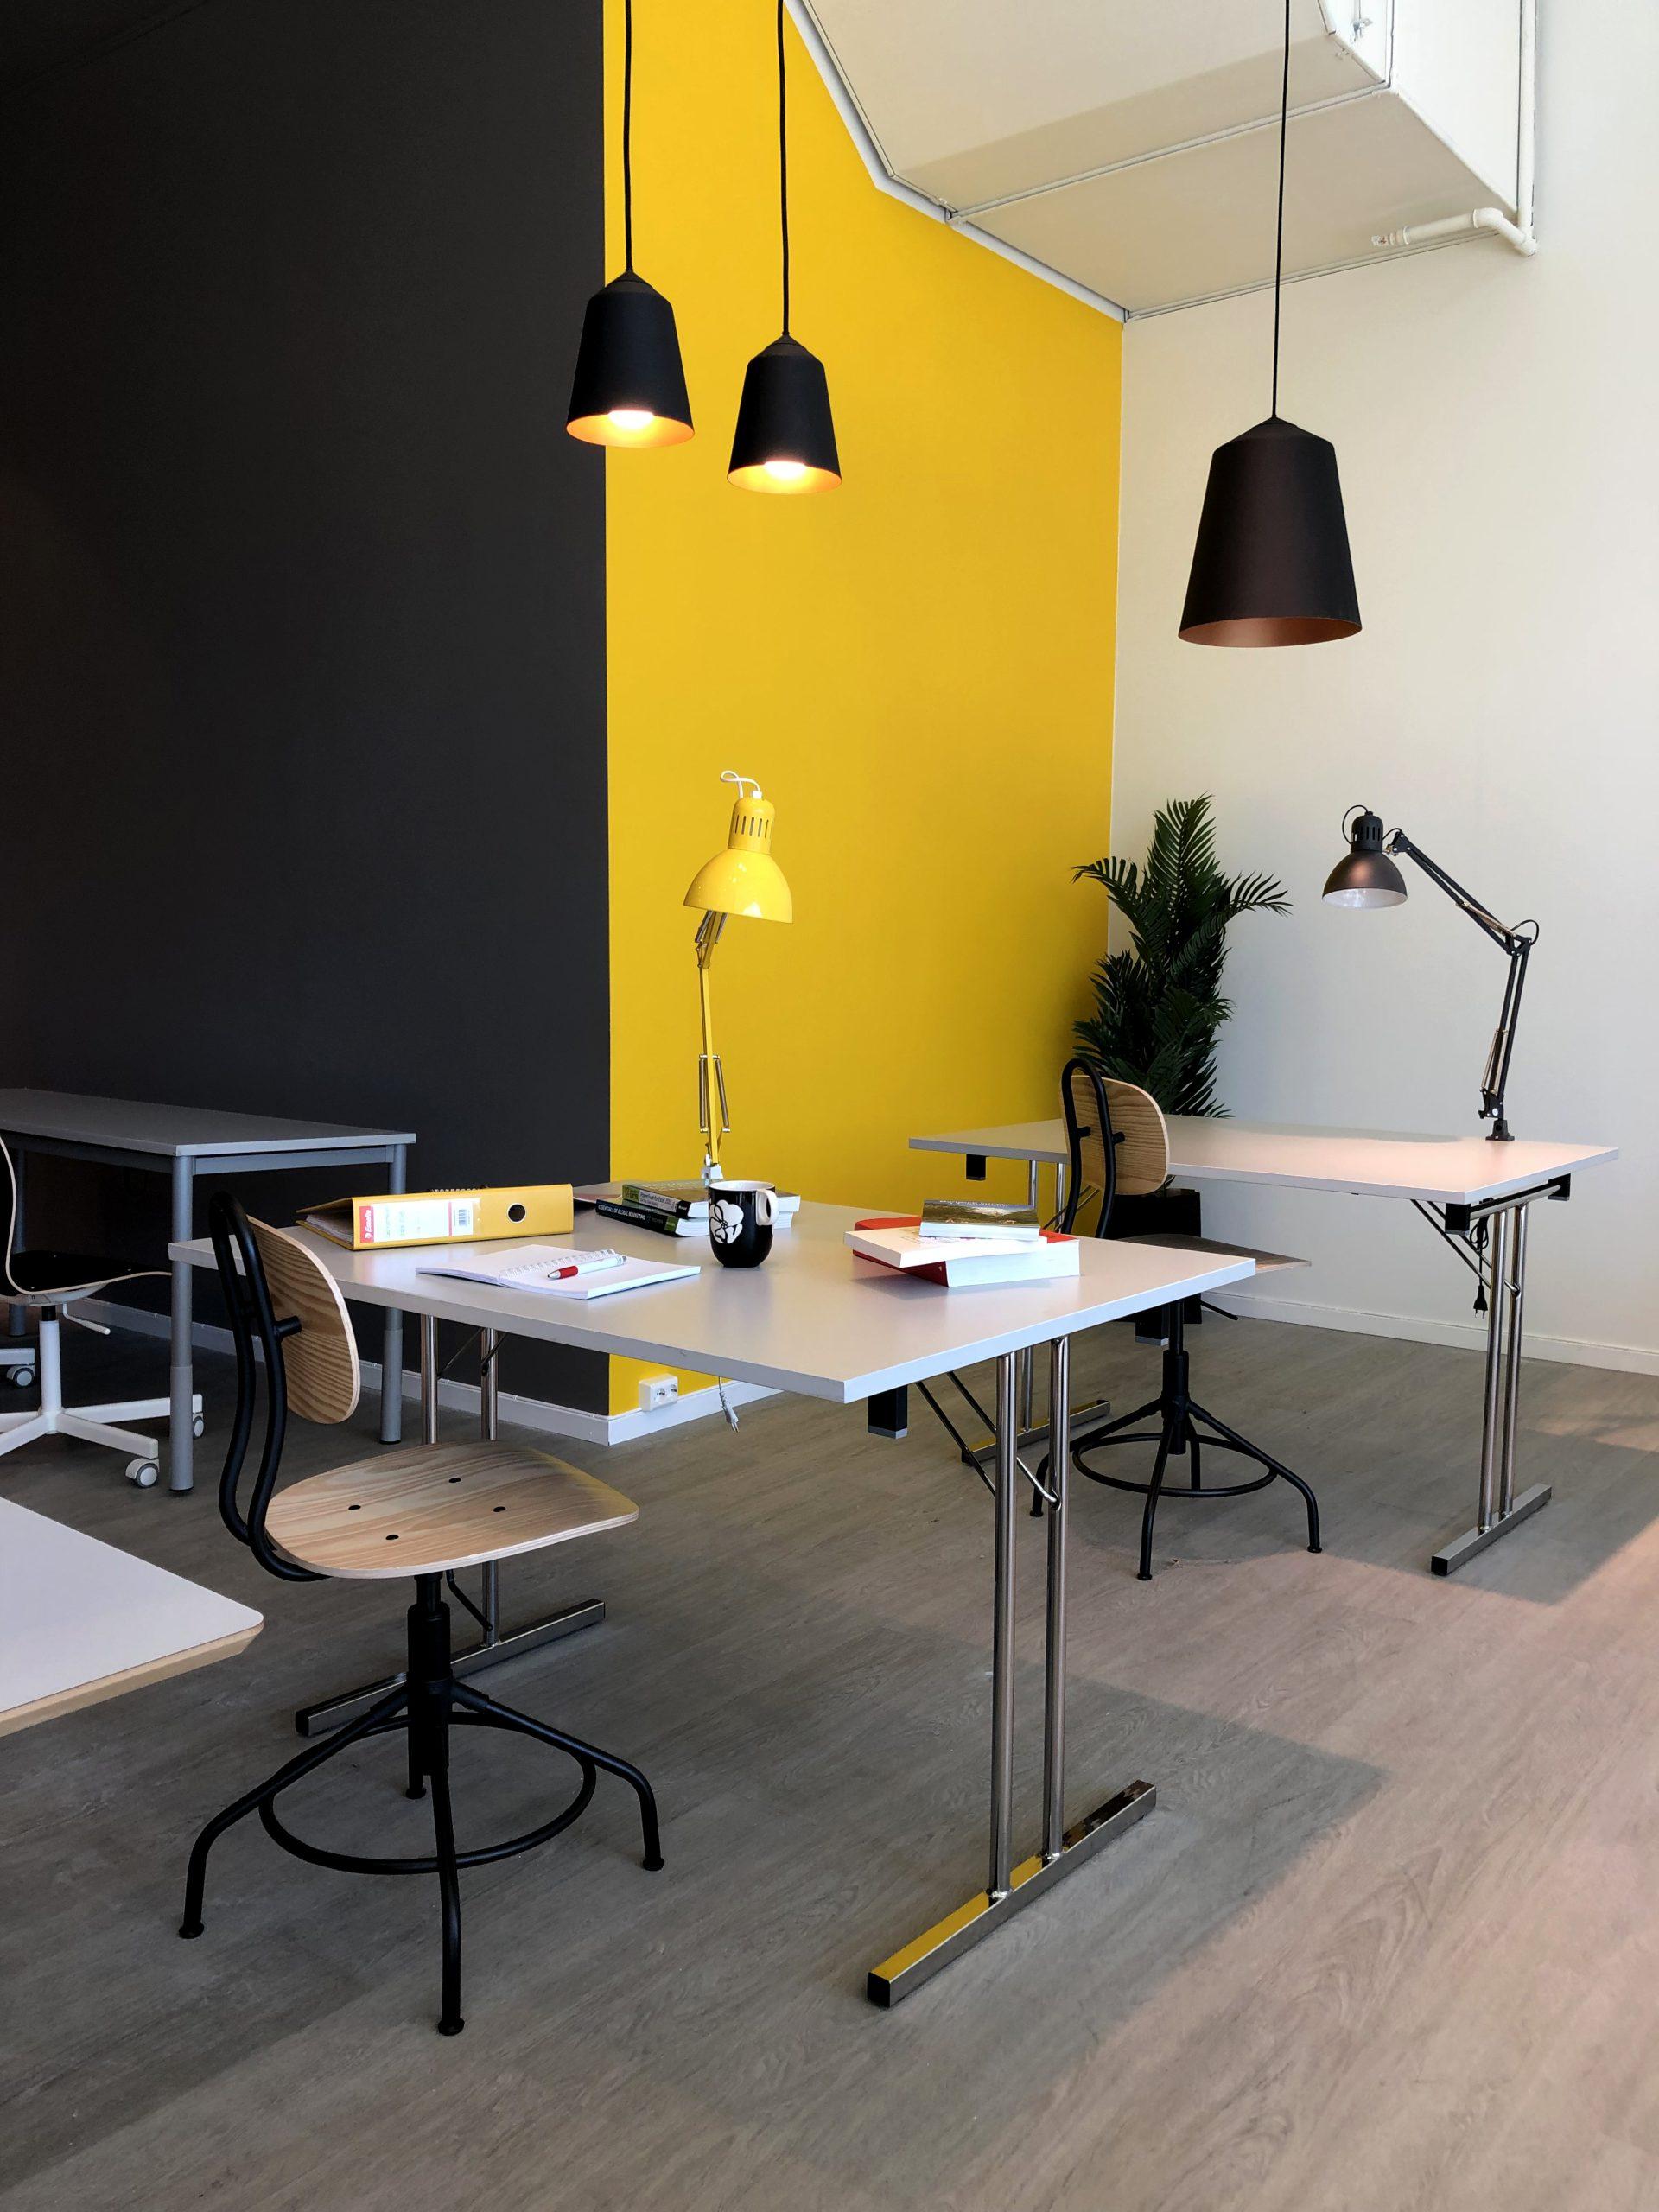 Sirkus Shopping i Trondheim har Flexiwork som er et kontorlandskap hvor du kan bestille deg kontorplass for en dag.